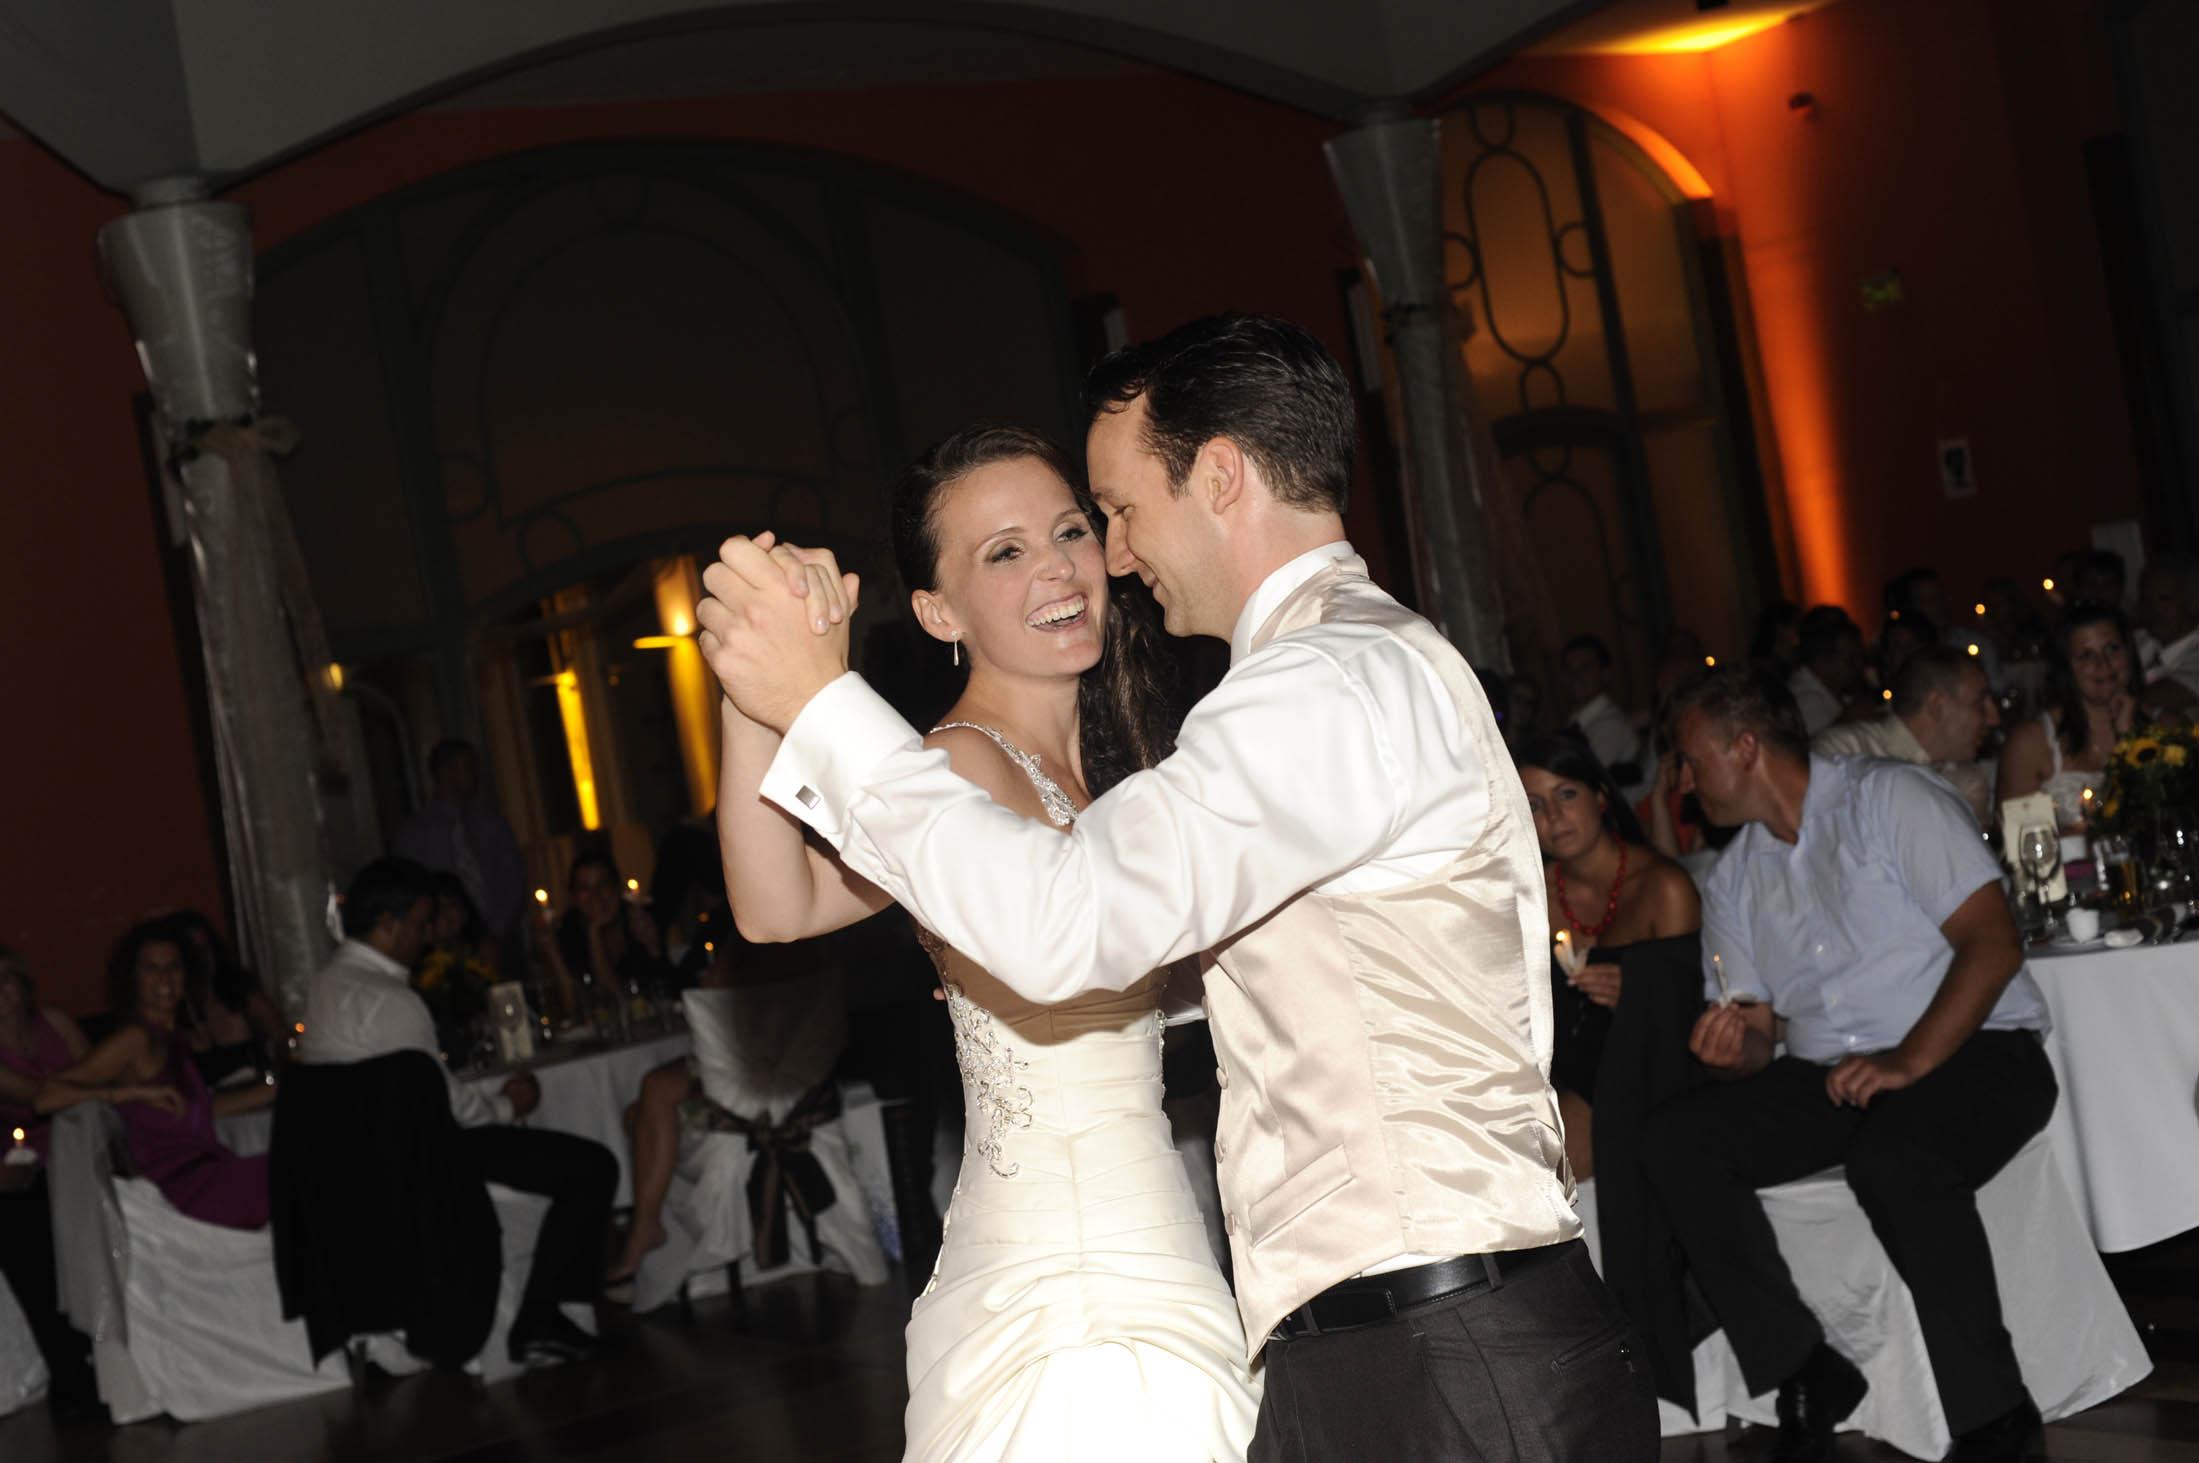 Esküvő nyitótánc 2011